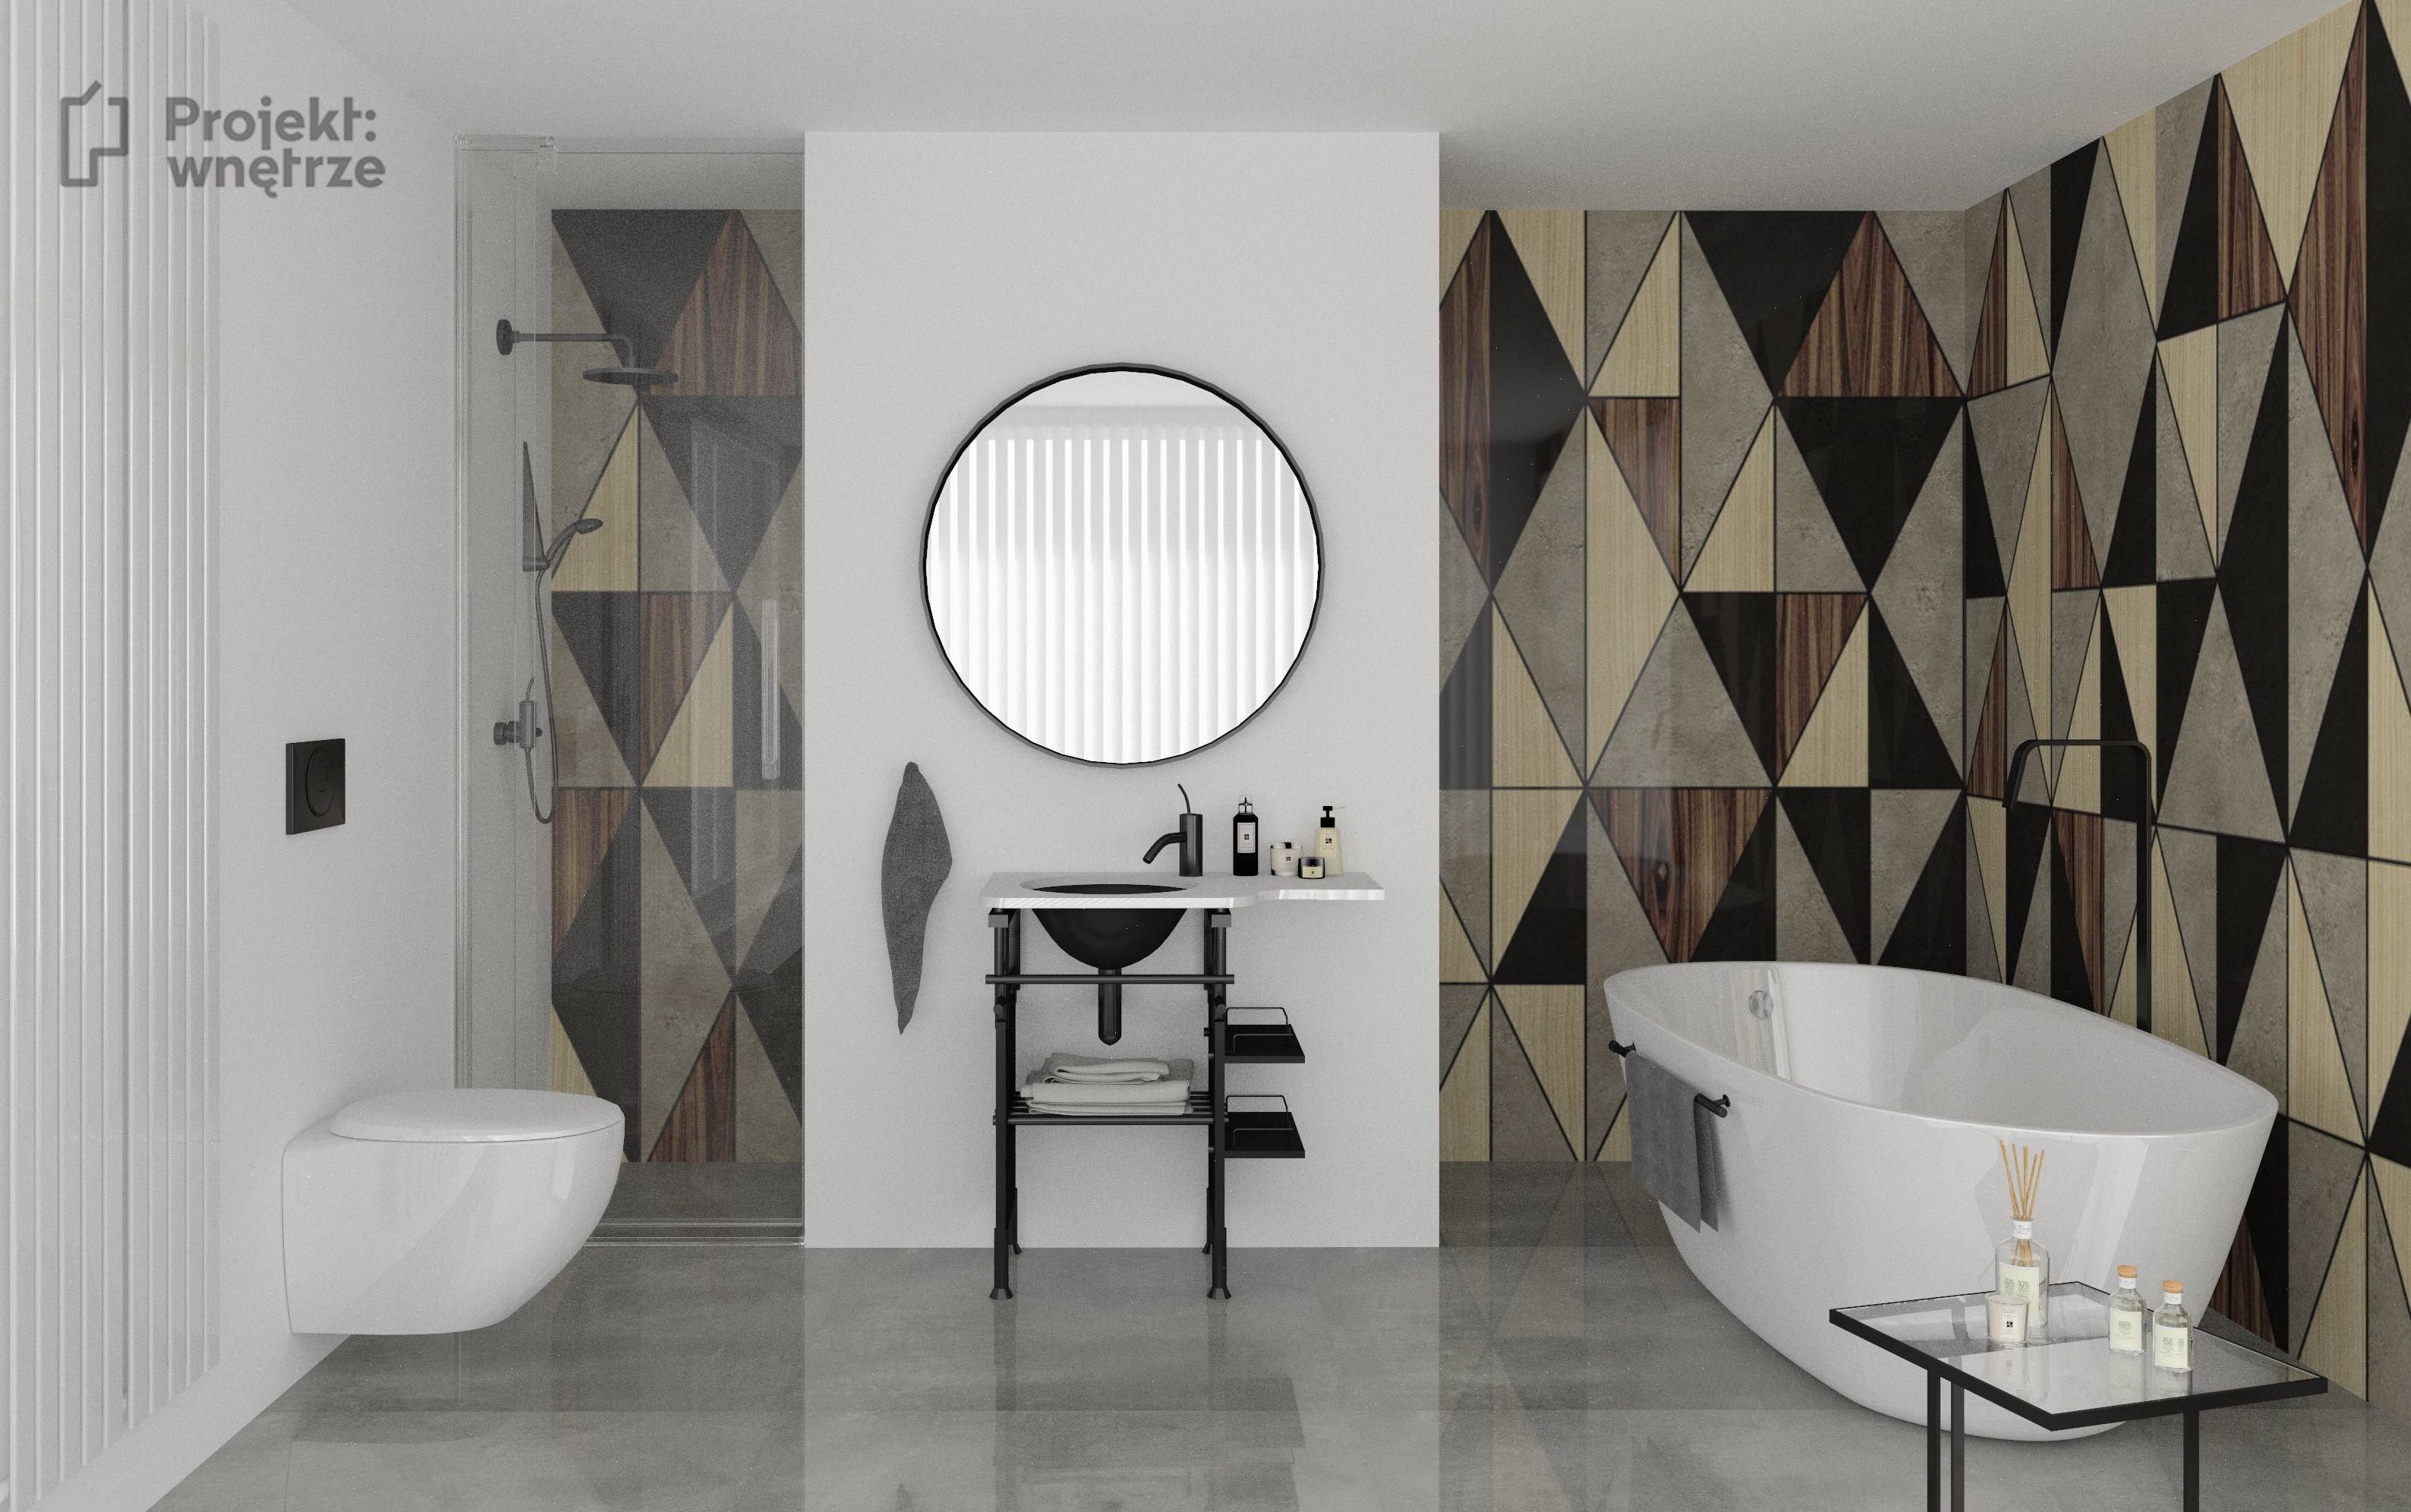 Tapeta W łazience Jaką Wybrać Wzory Tapet Do łazienki